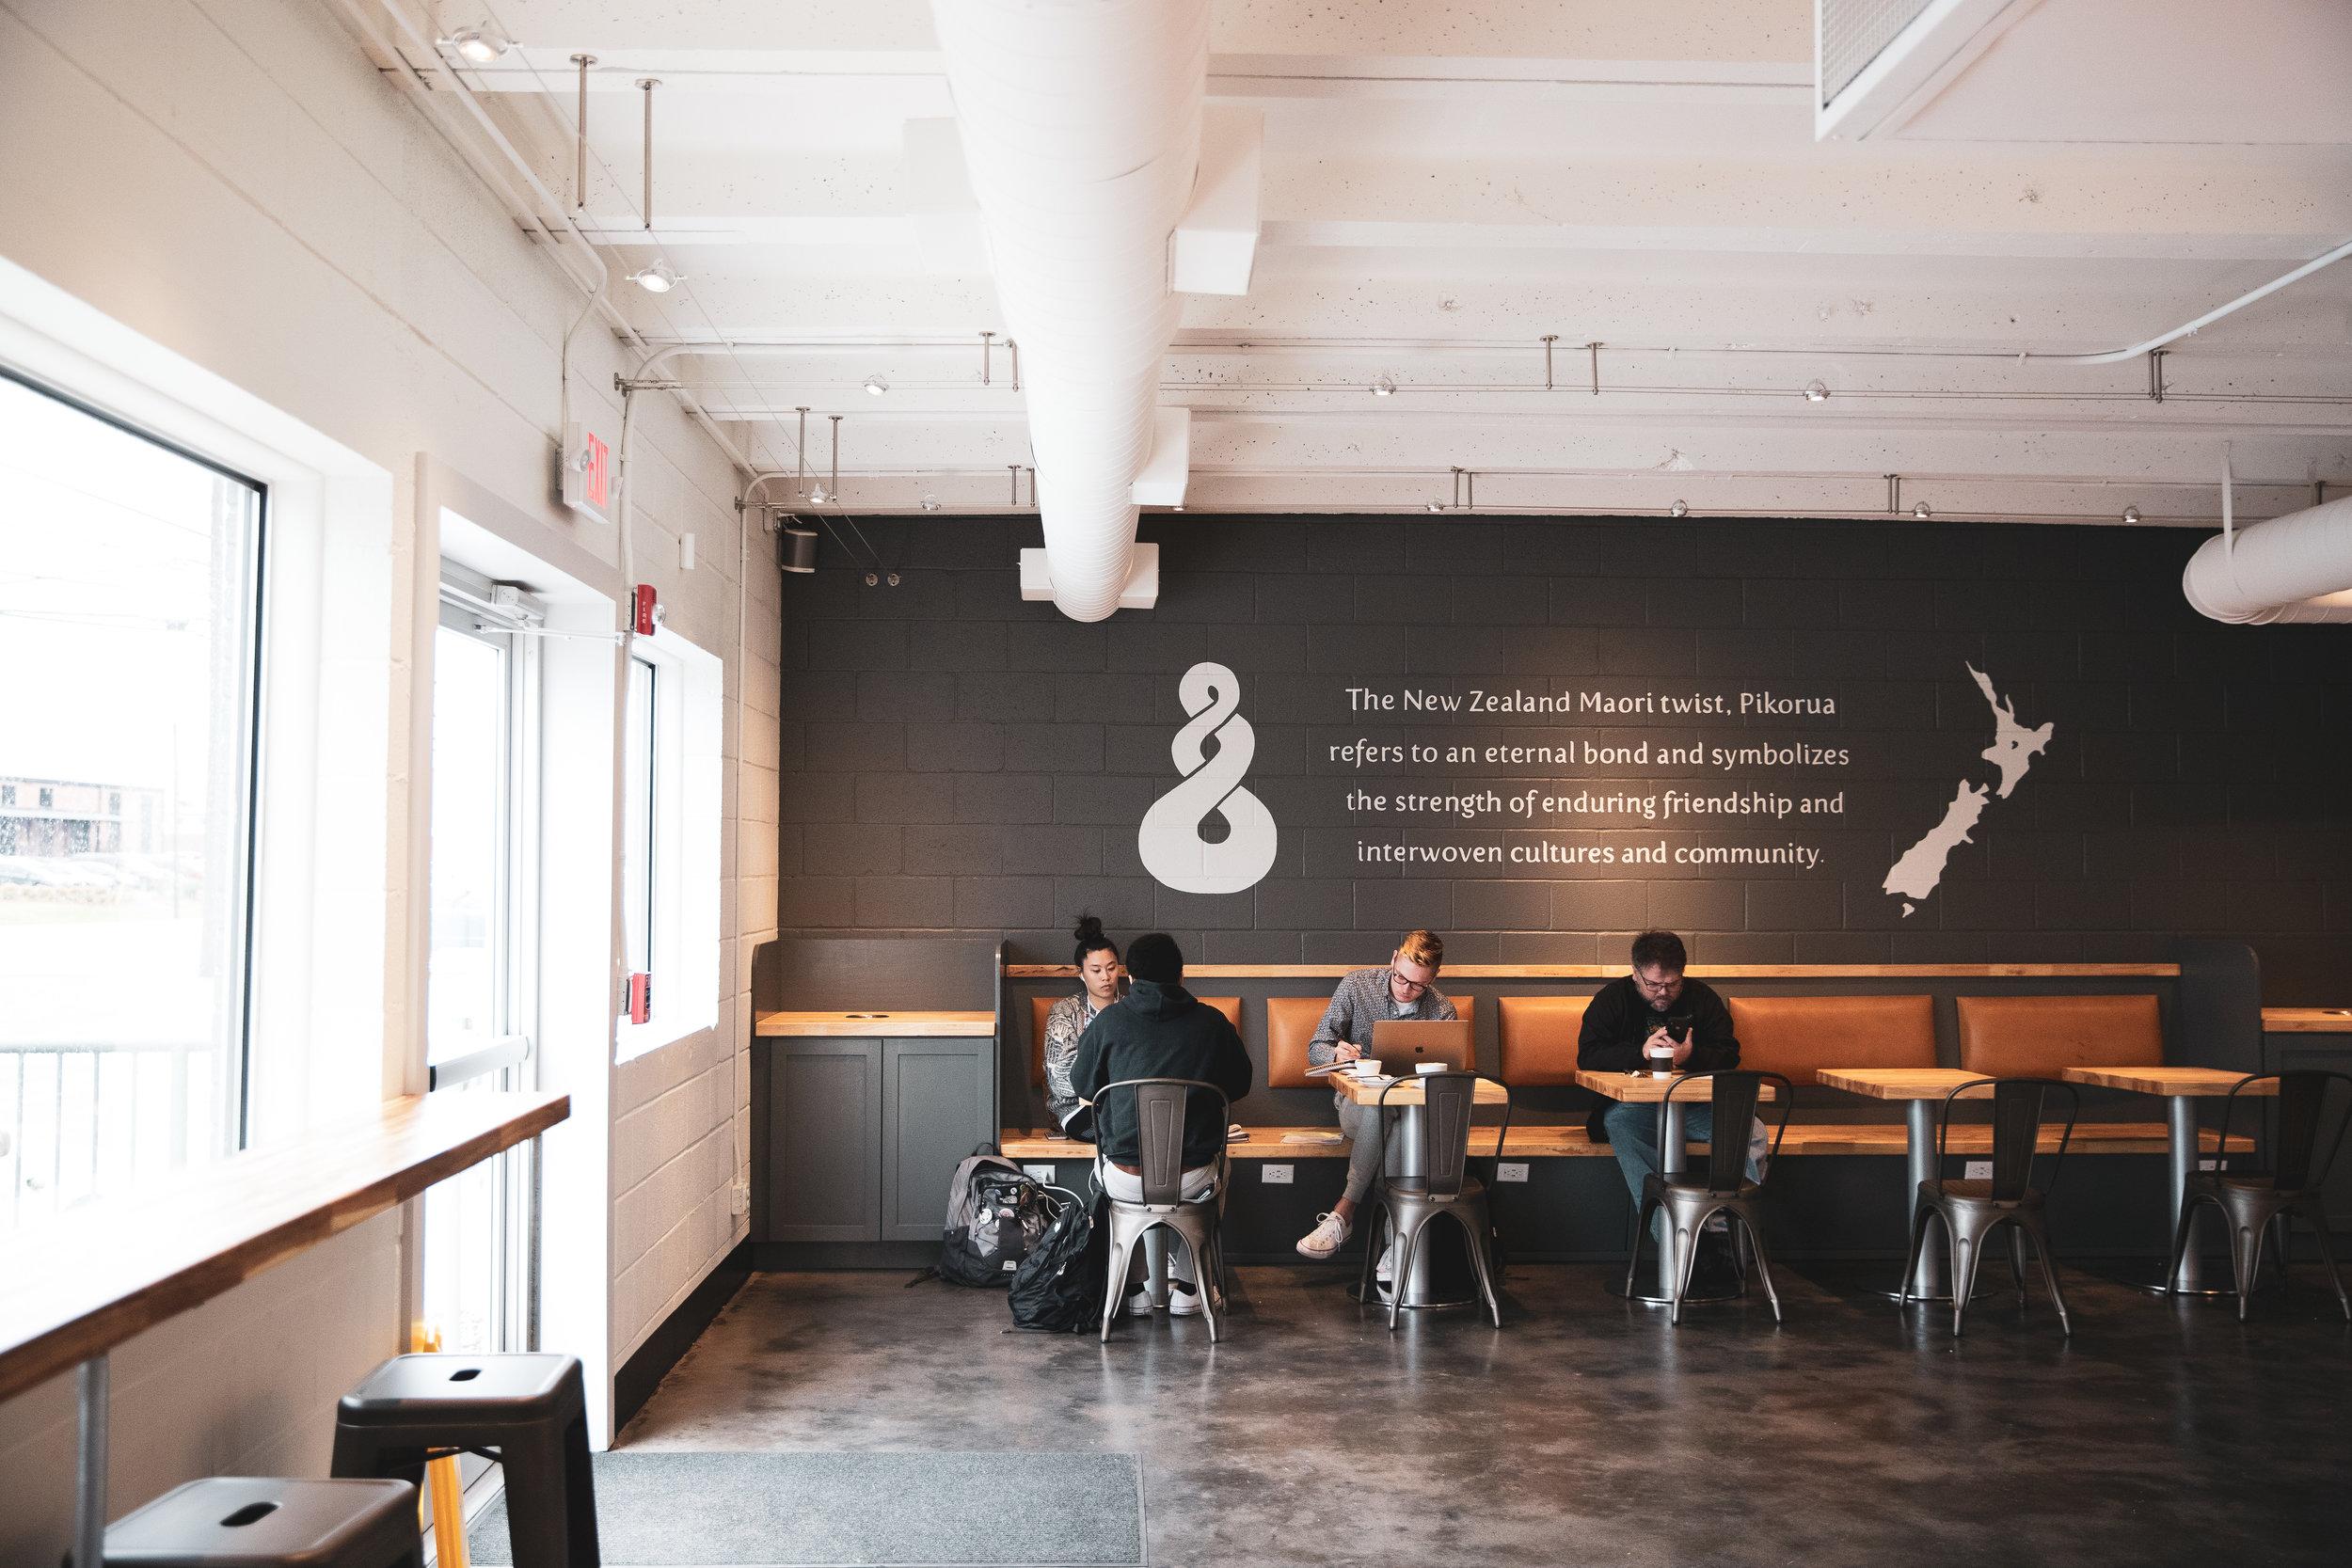 coffeeshop-photography-9I0567.jpg